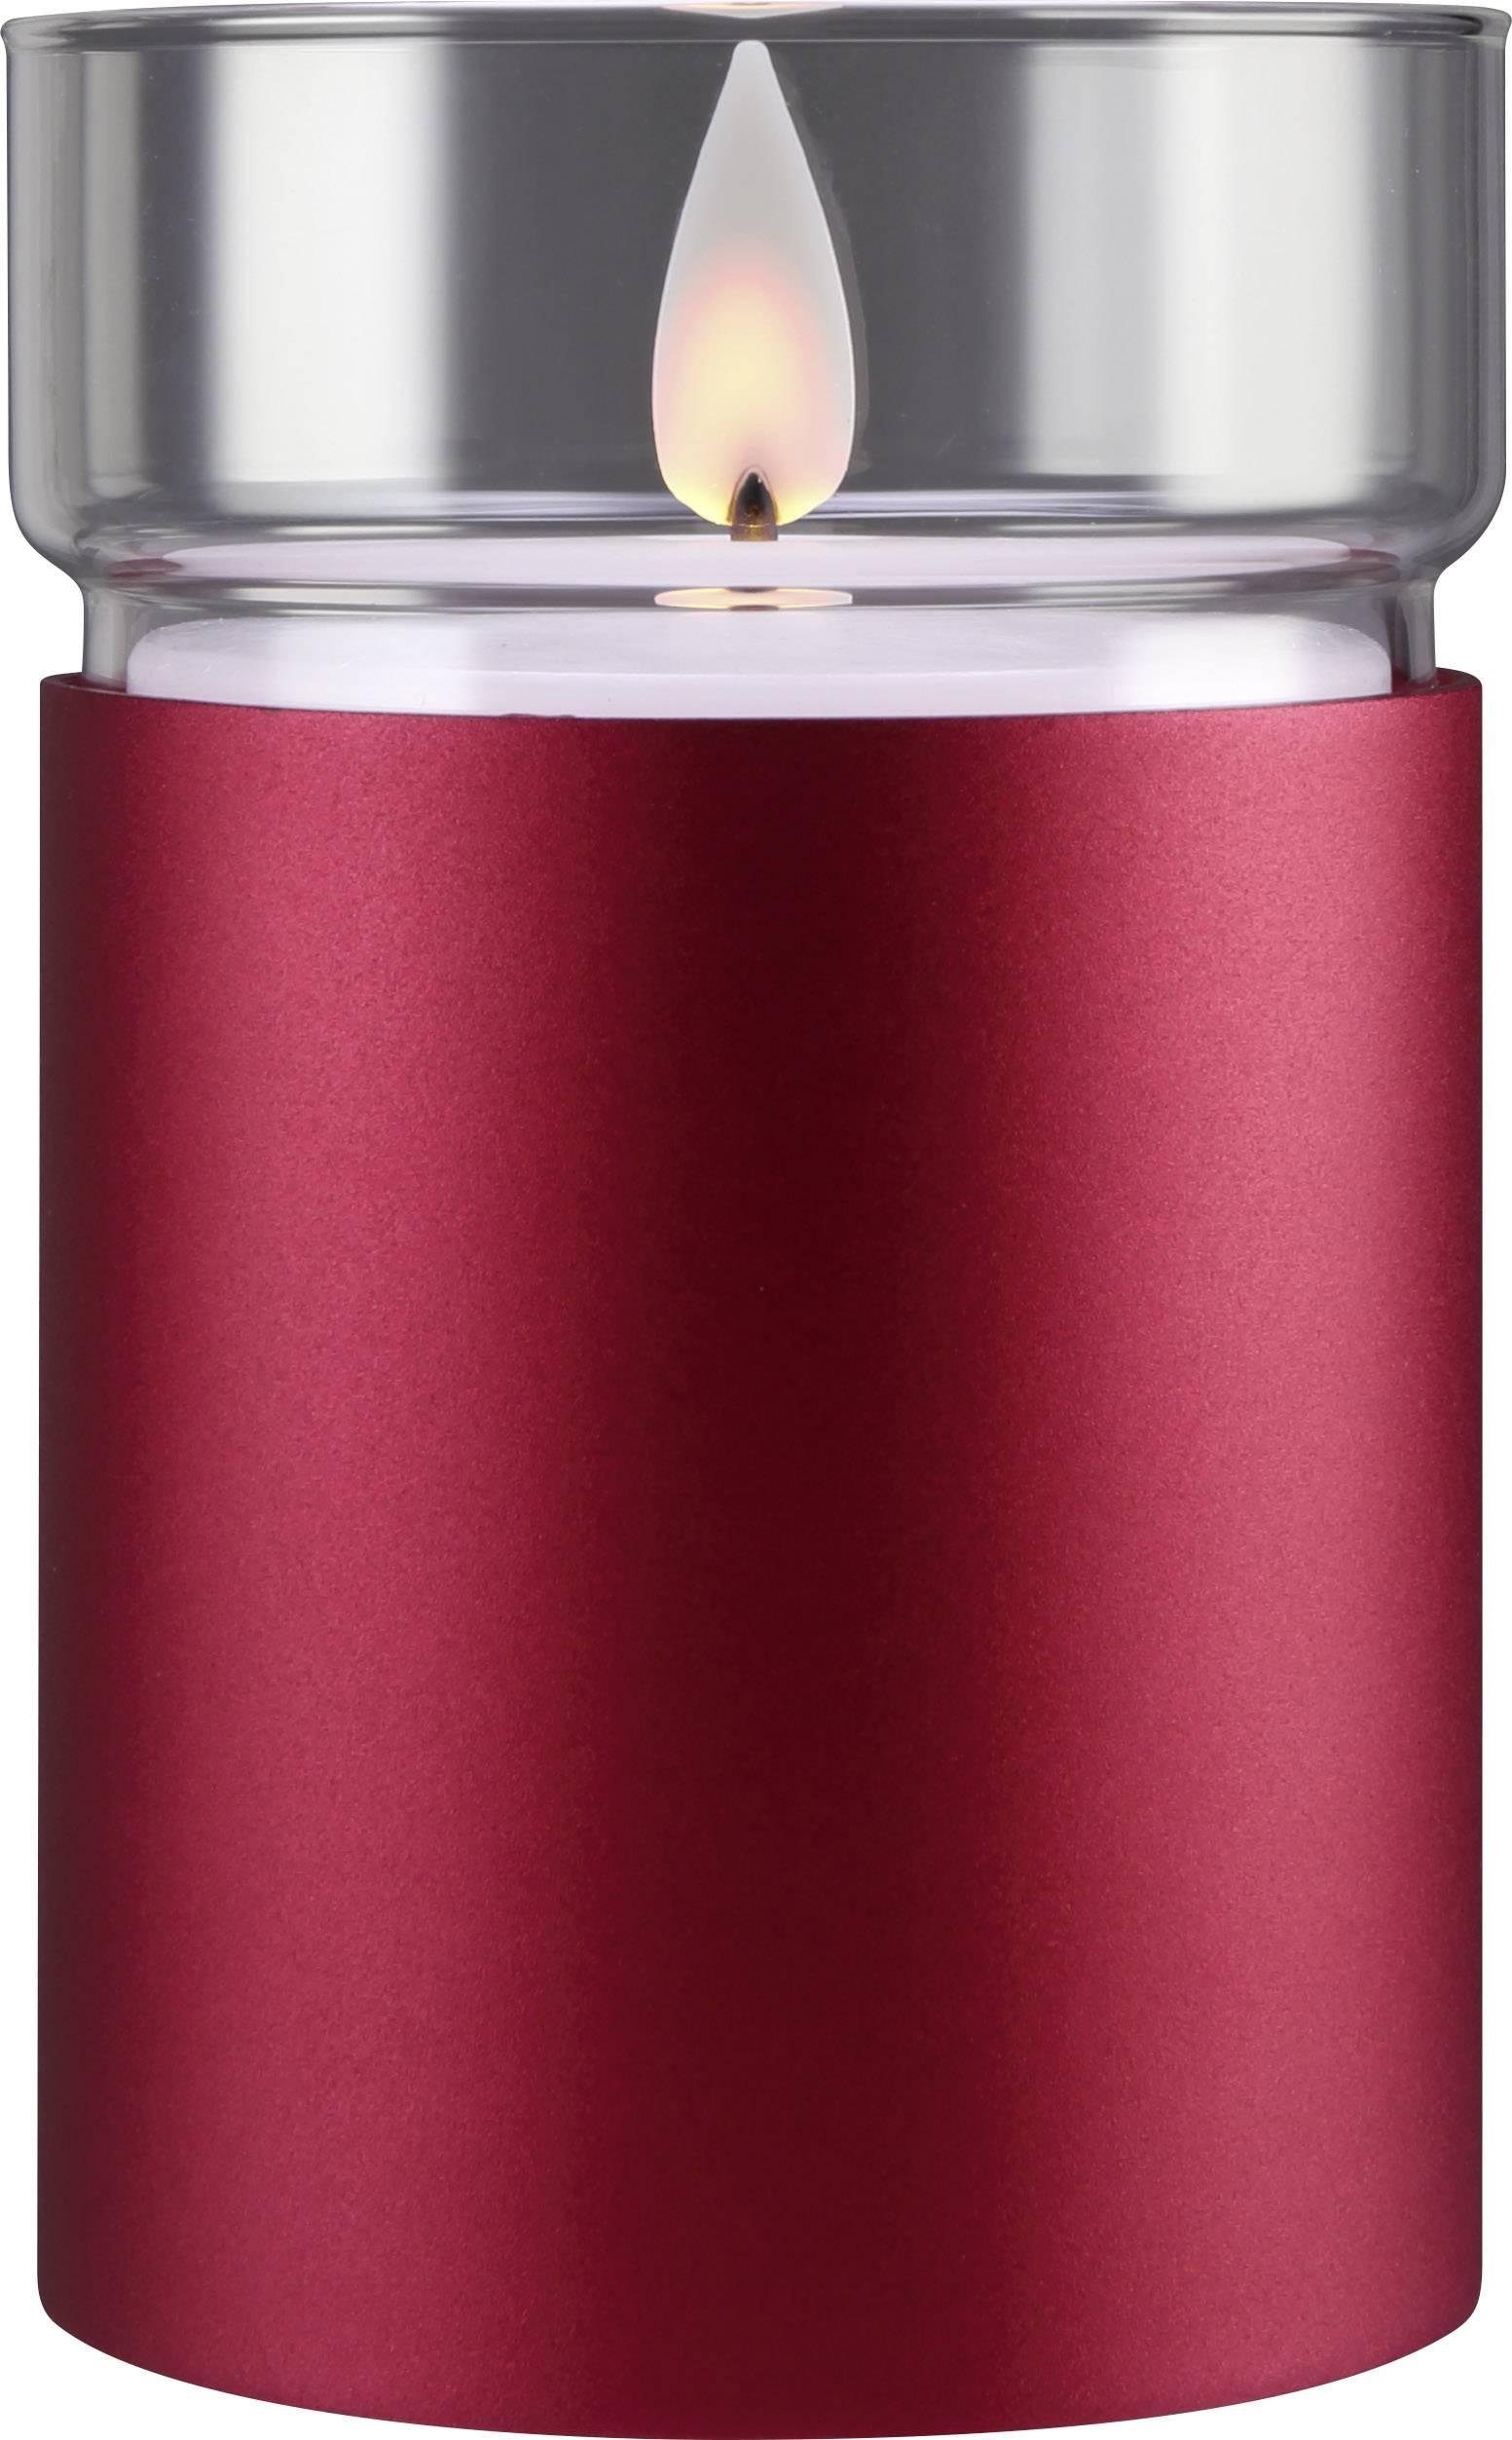 Vnútorné LED vosková sviečka Polarlite 1 ks, vínovo červená